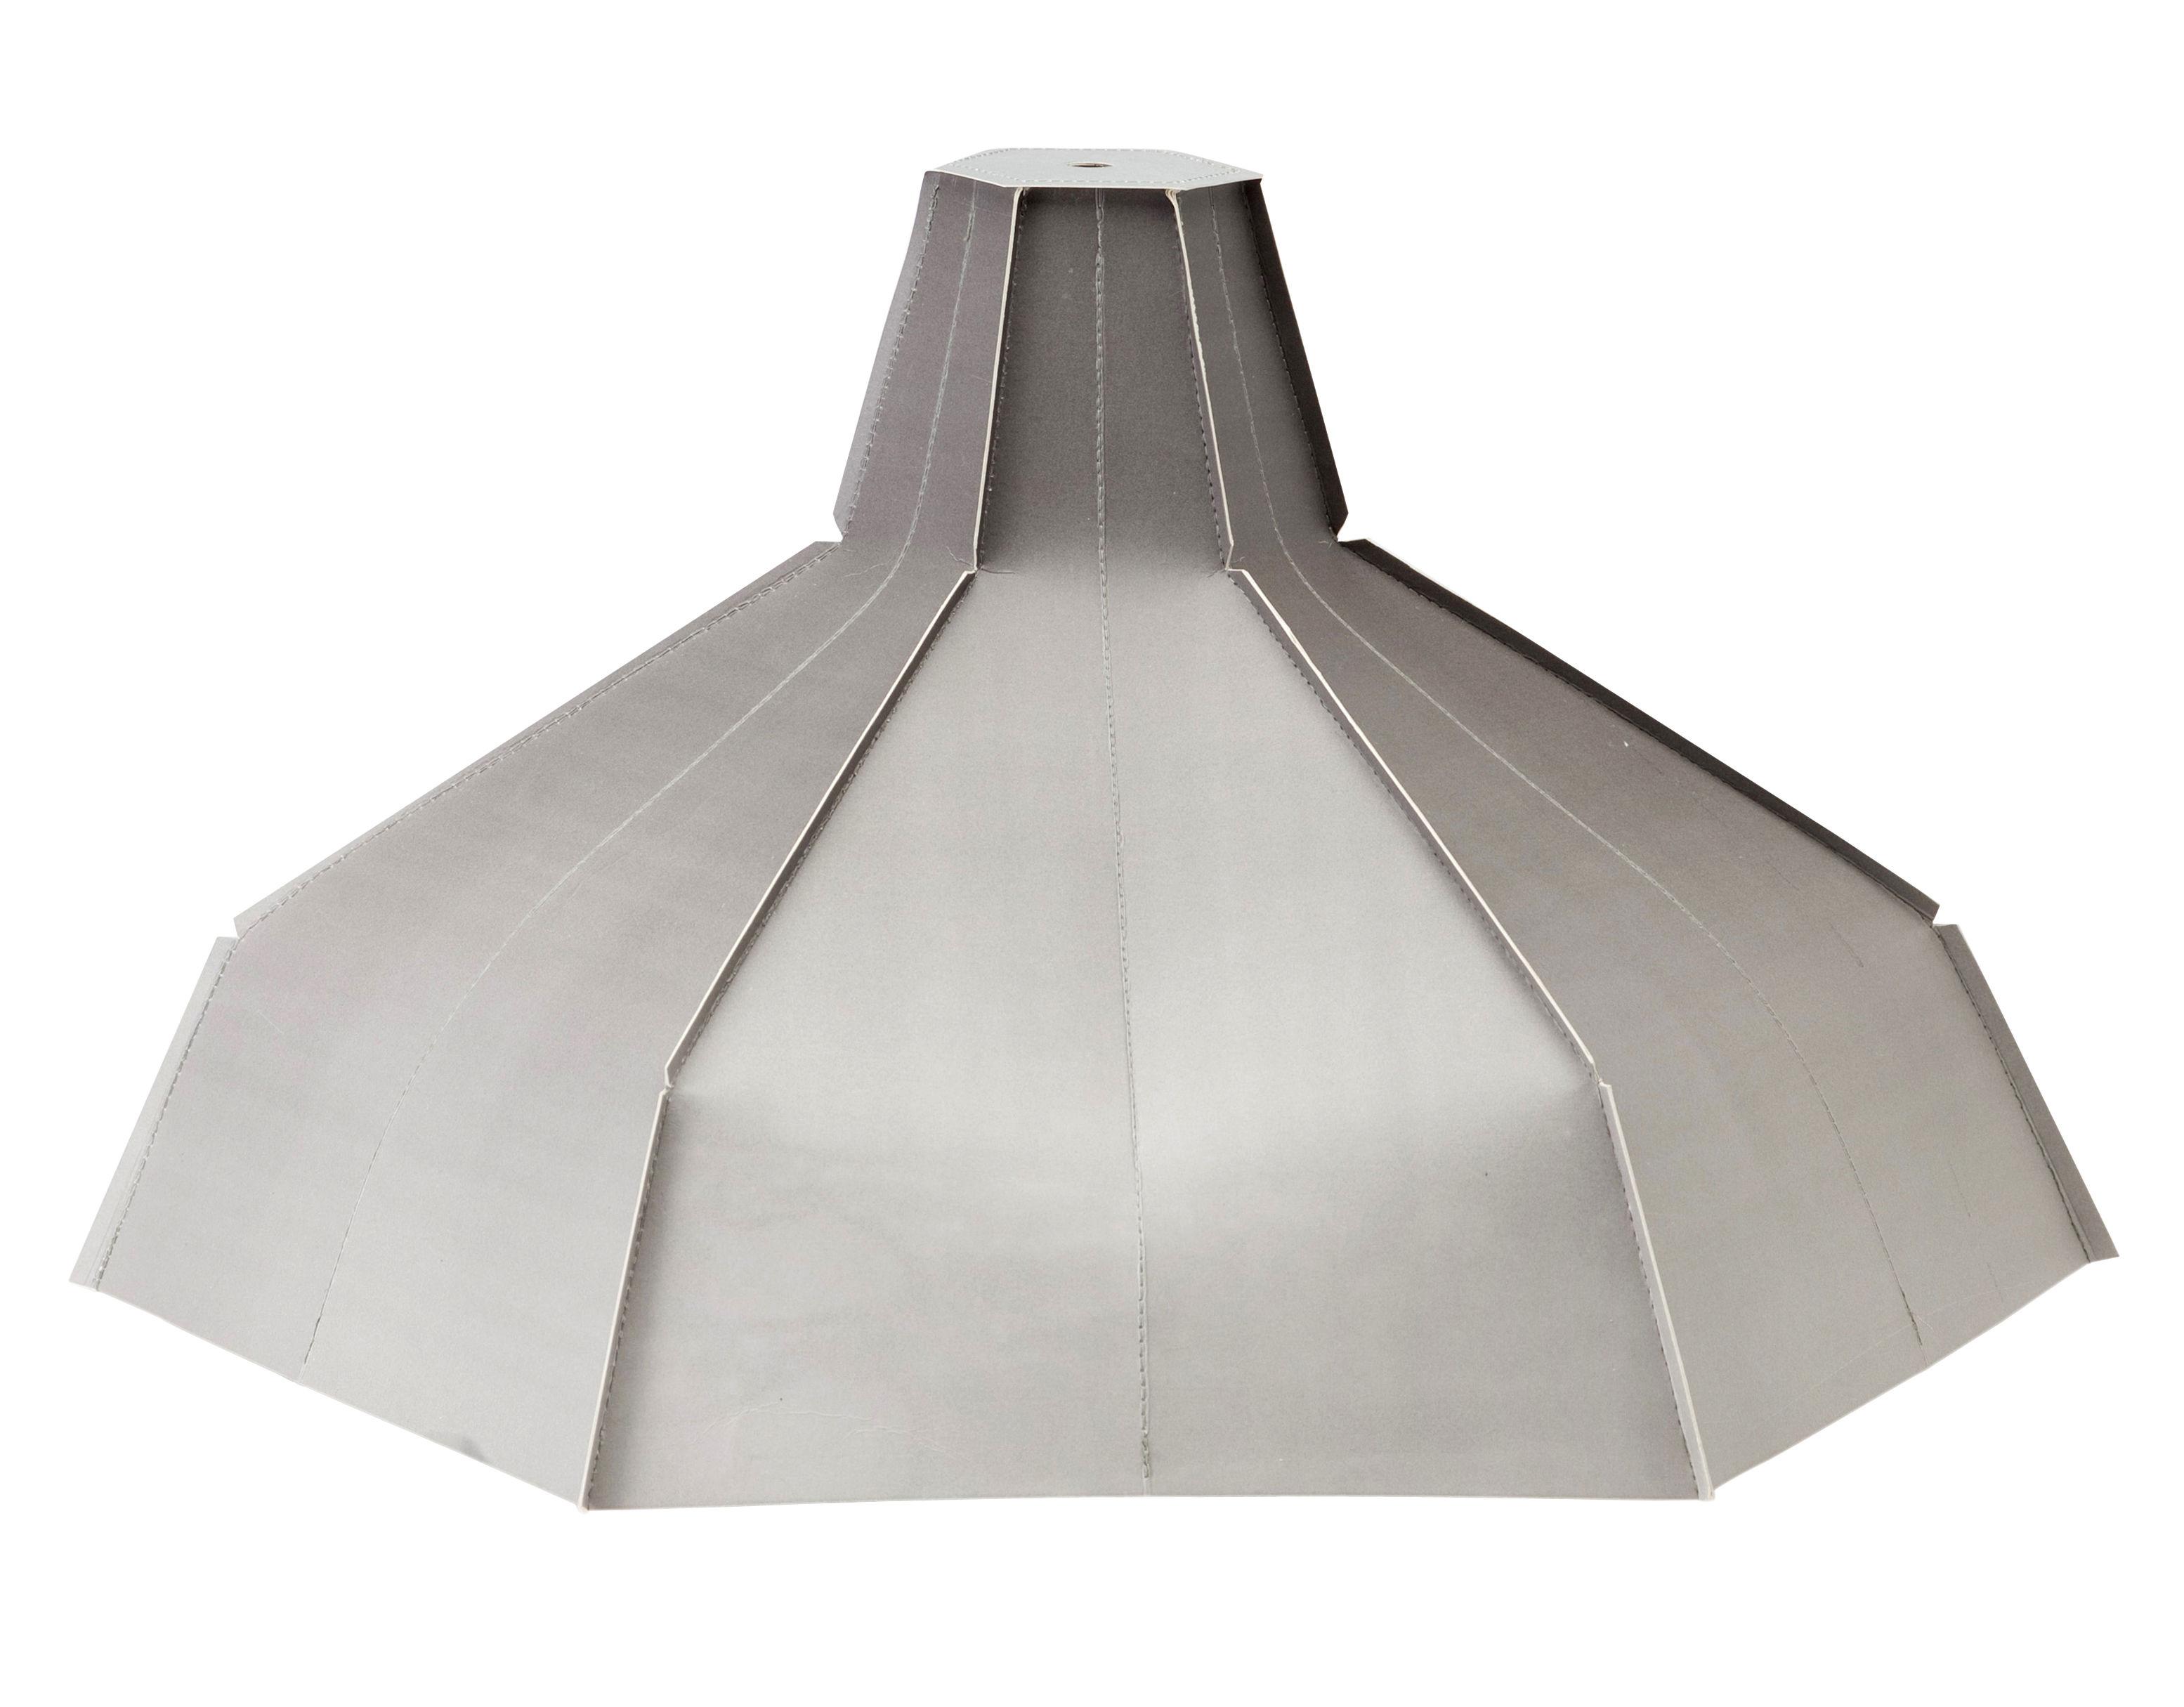 Luminaire - Suspensions - Abat-jour Pepe Heykoop / Papier - Câble et ampoule non fournis - Pop Corn - Dégradé de gris - Papier pelliculé